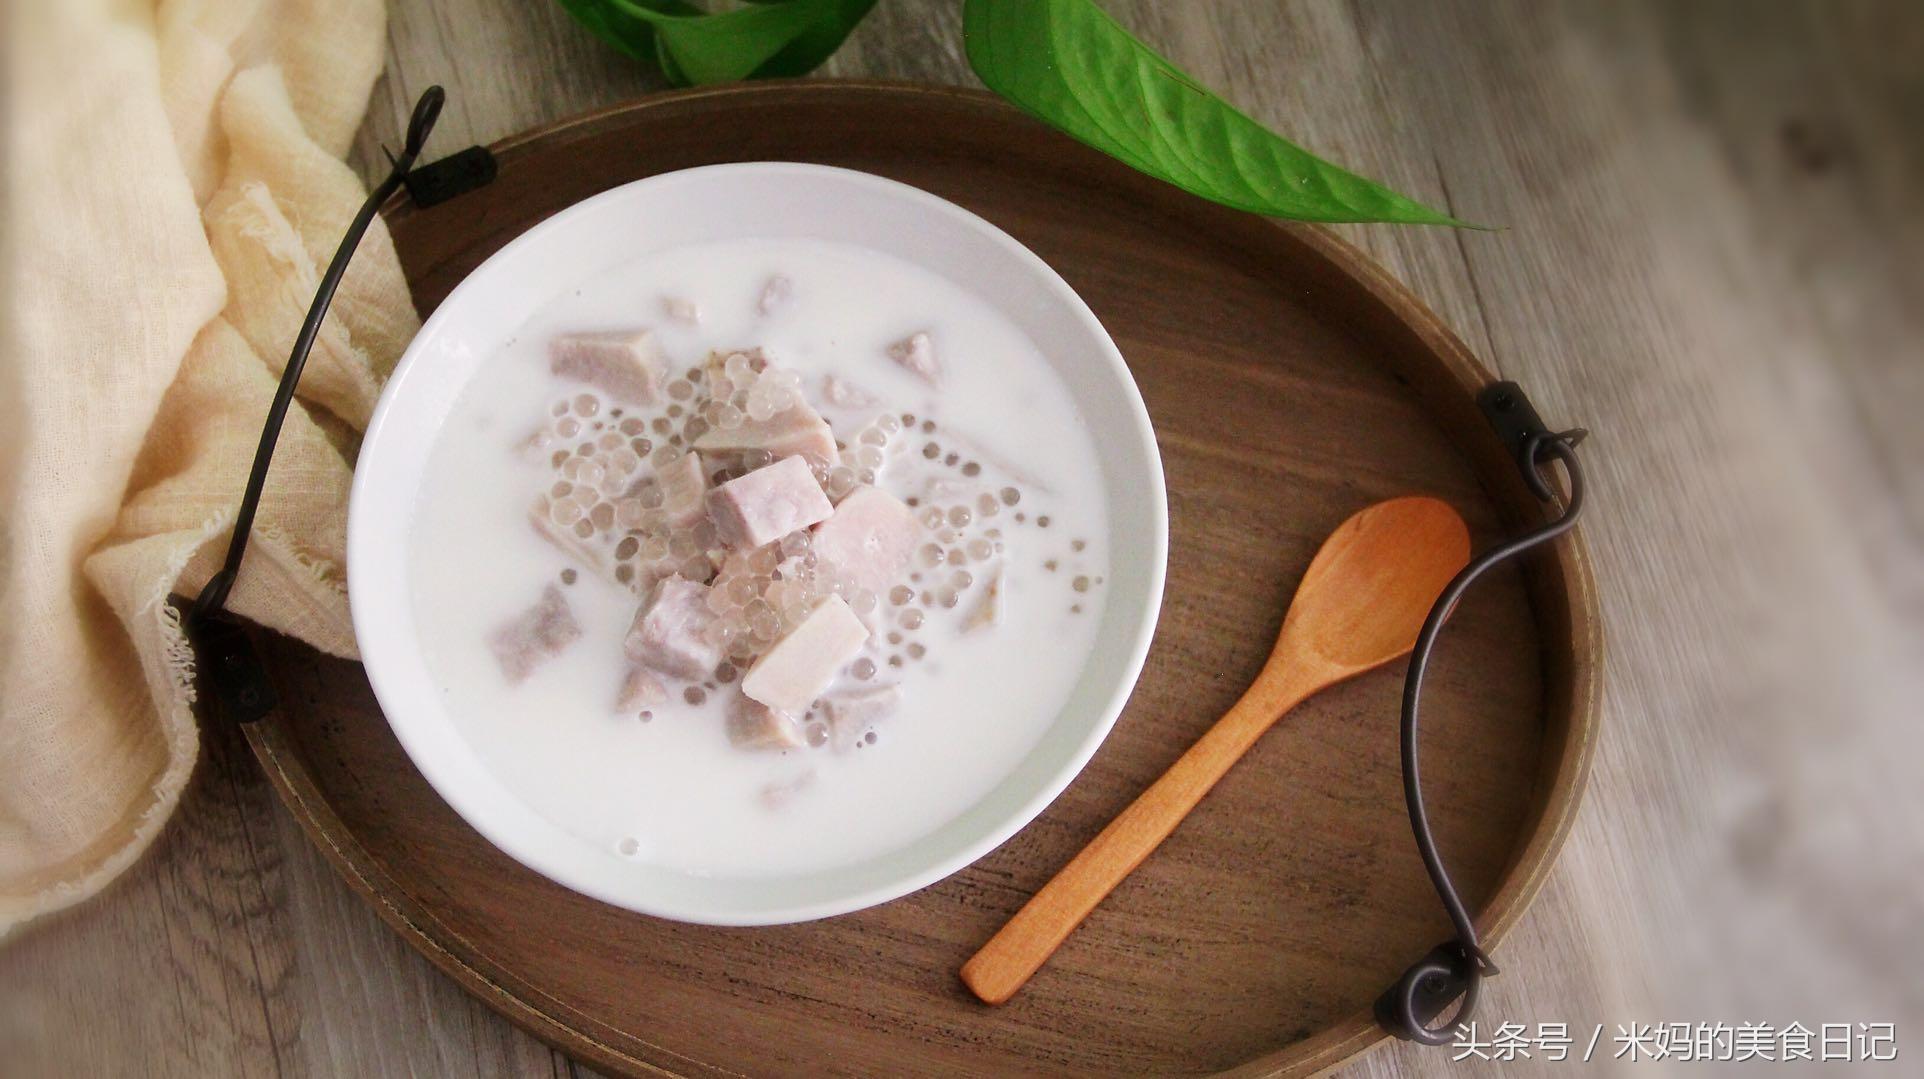 香芋西米露做法步骤图 椰香浓郁夏天这样吃最爽!